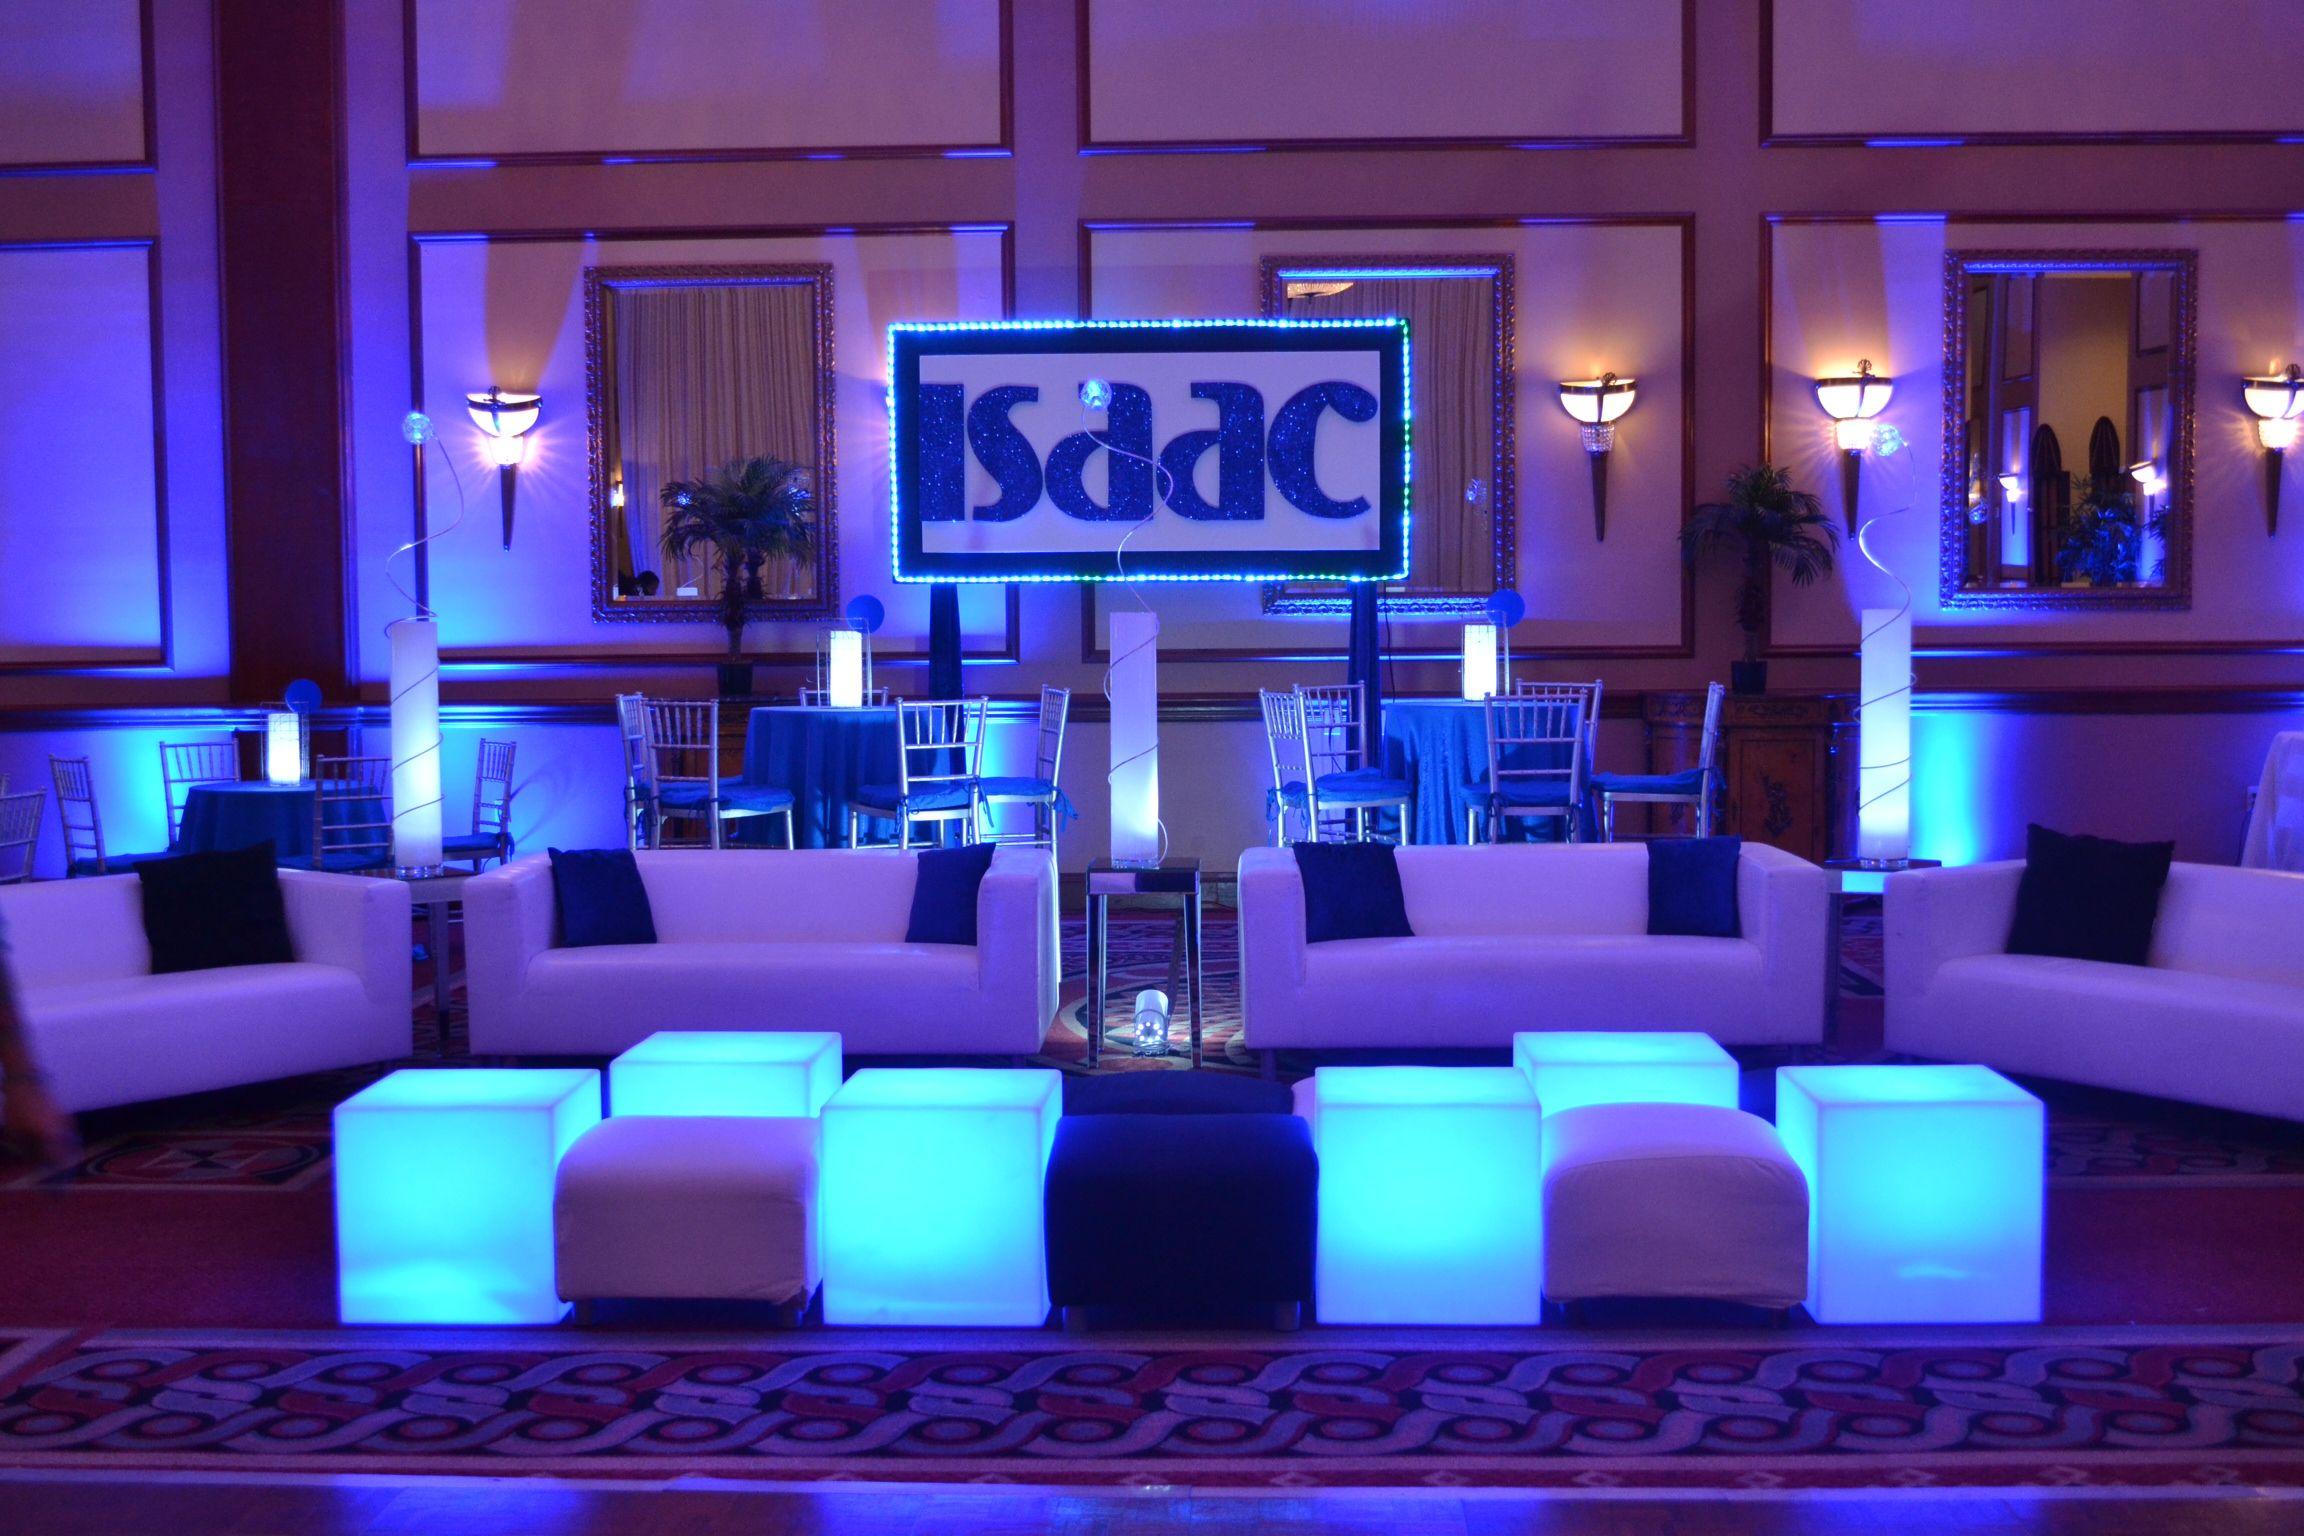 Bar mitzvah event decor blue color scheme glowing sculpture centerpieces party perfect boca raton fl